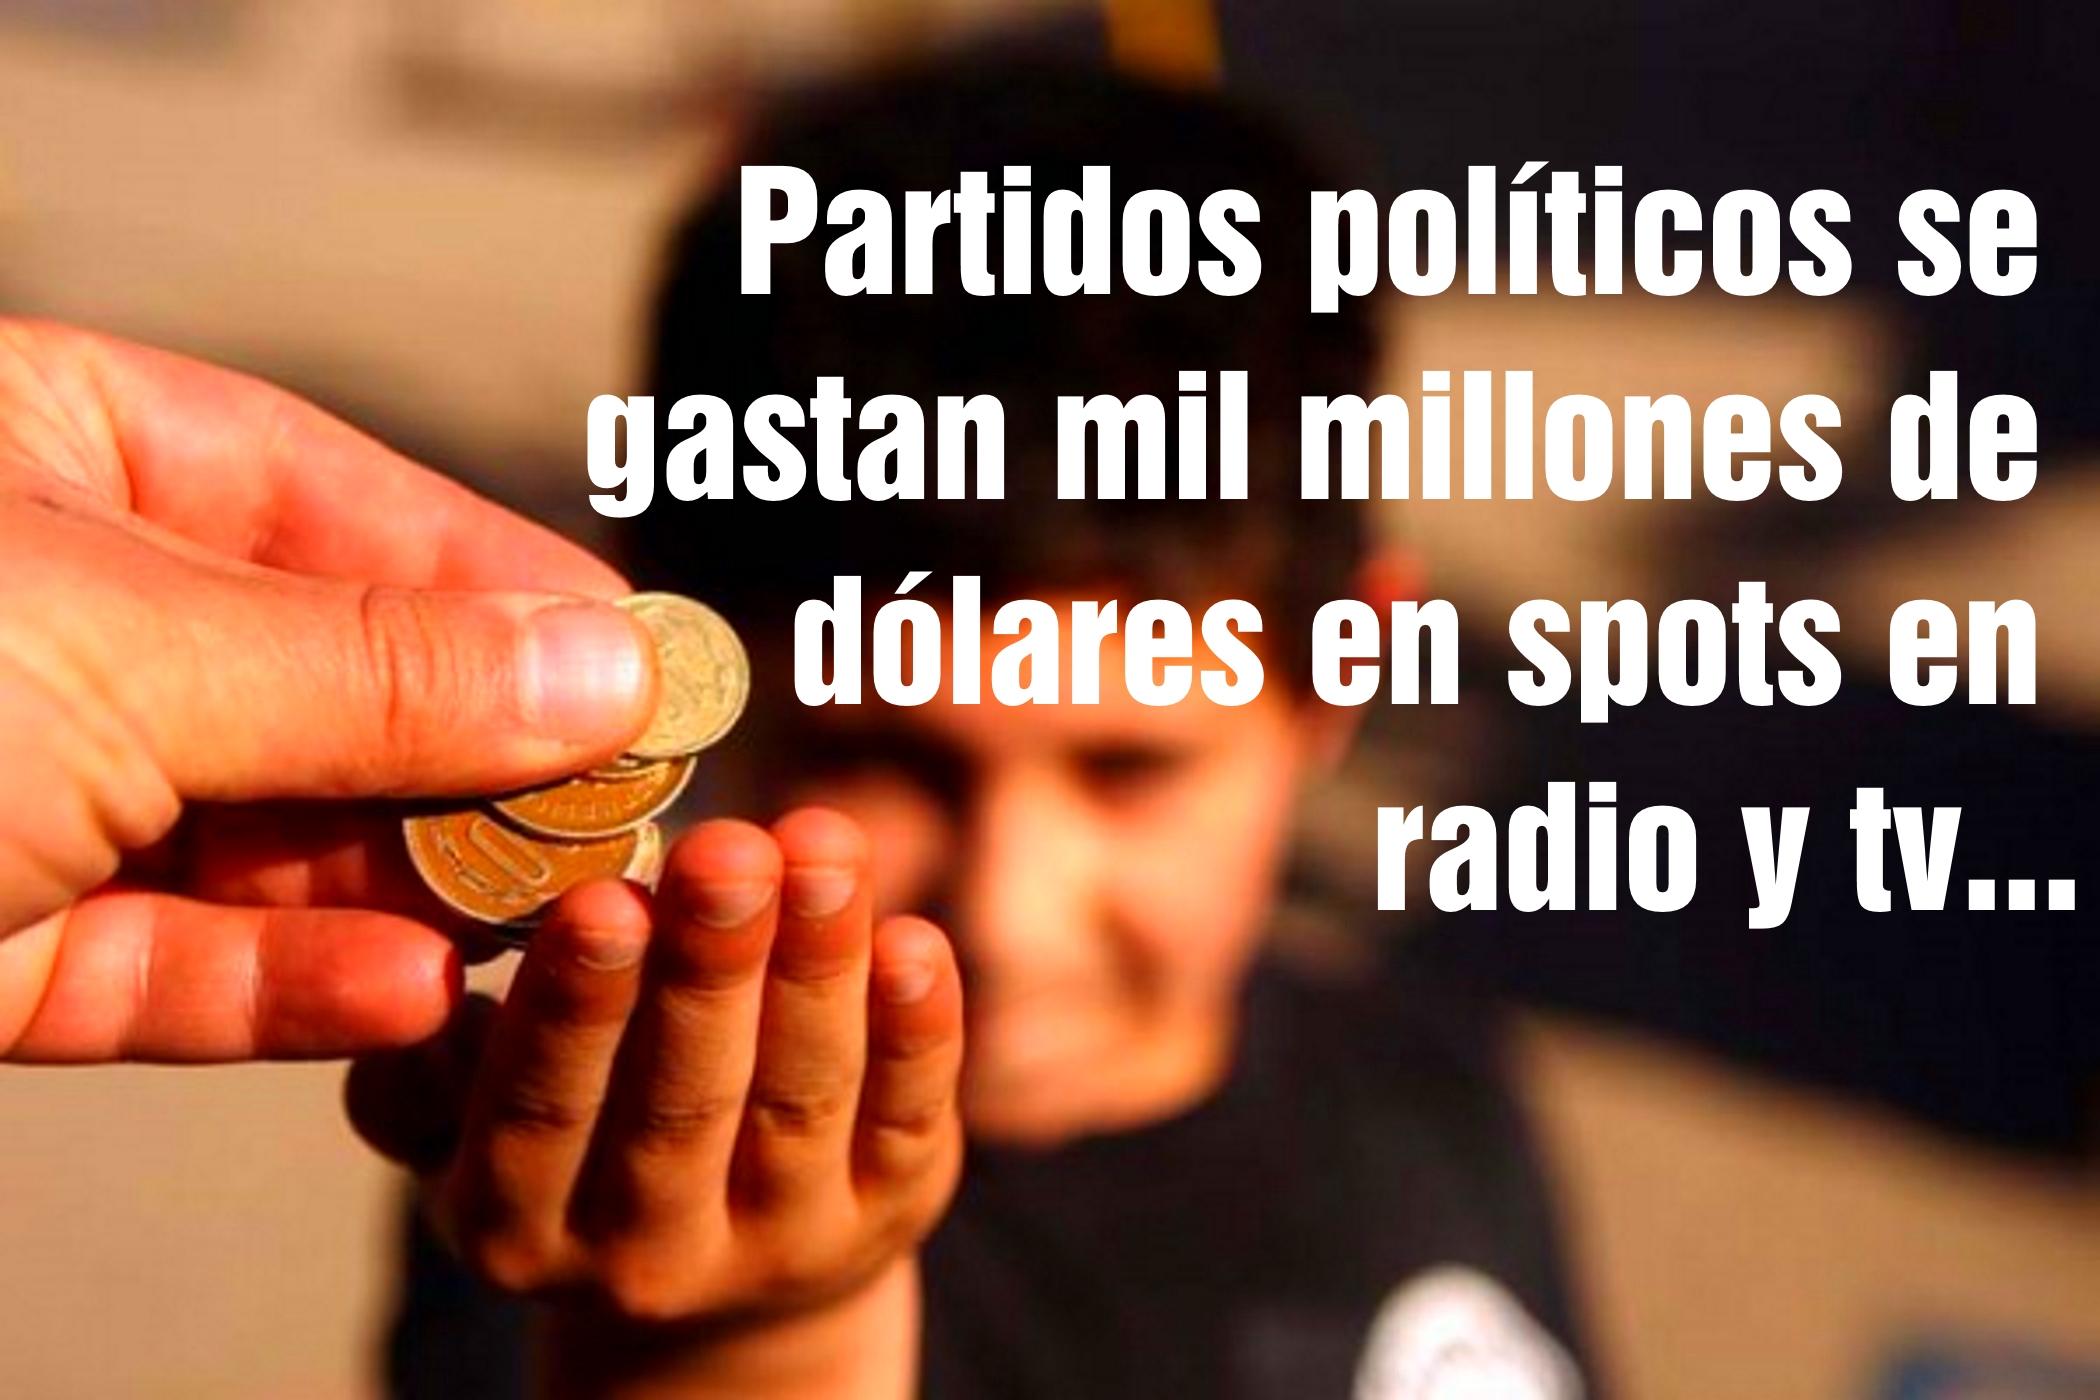 VIDEO Partidos políticos se gastan mil millones de dólares en spots en radio y tv